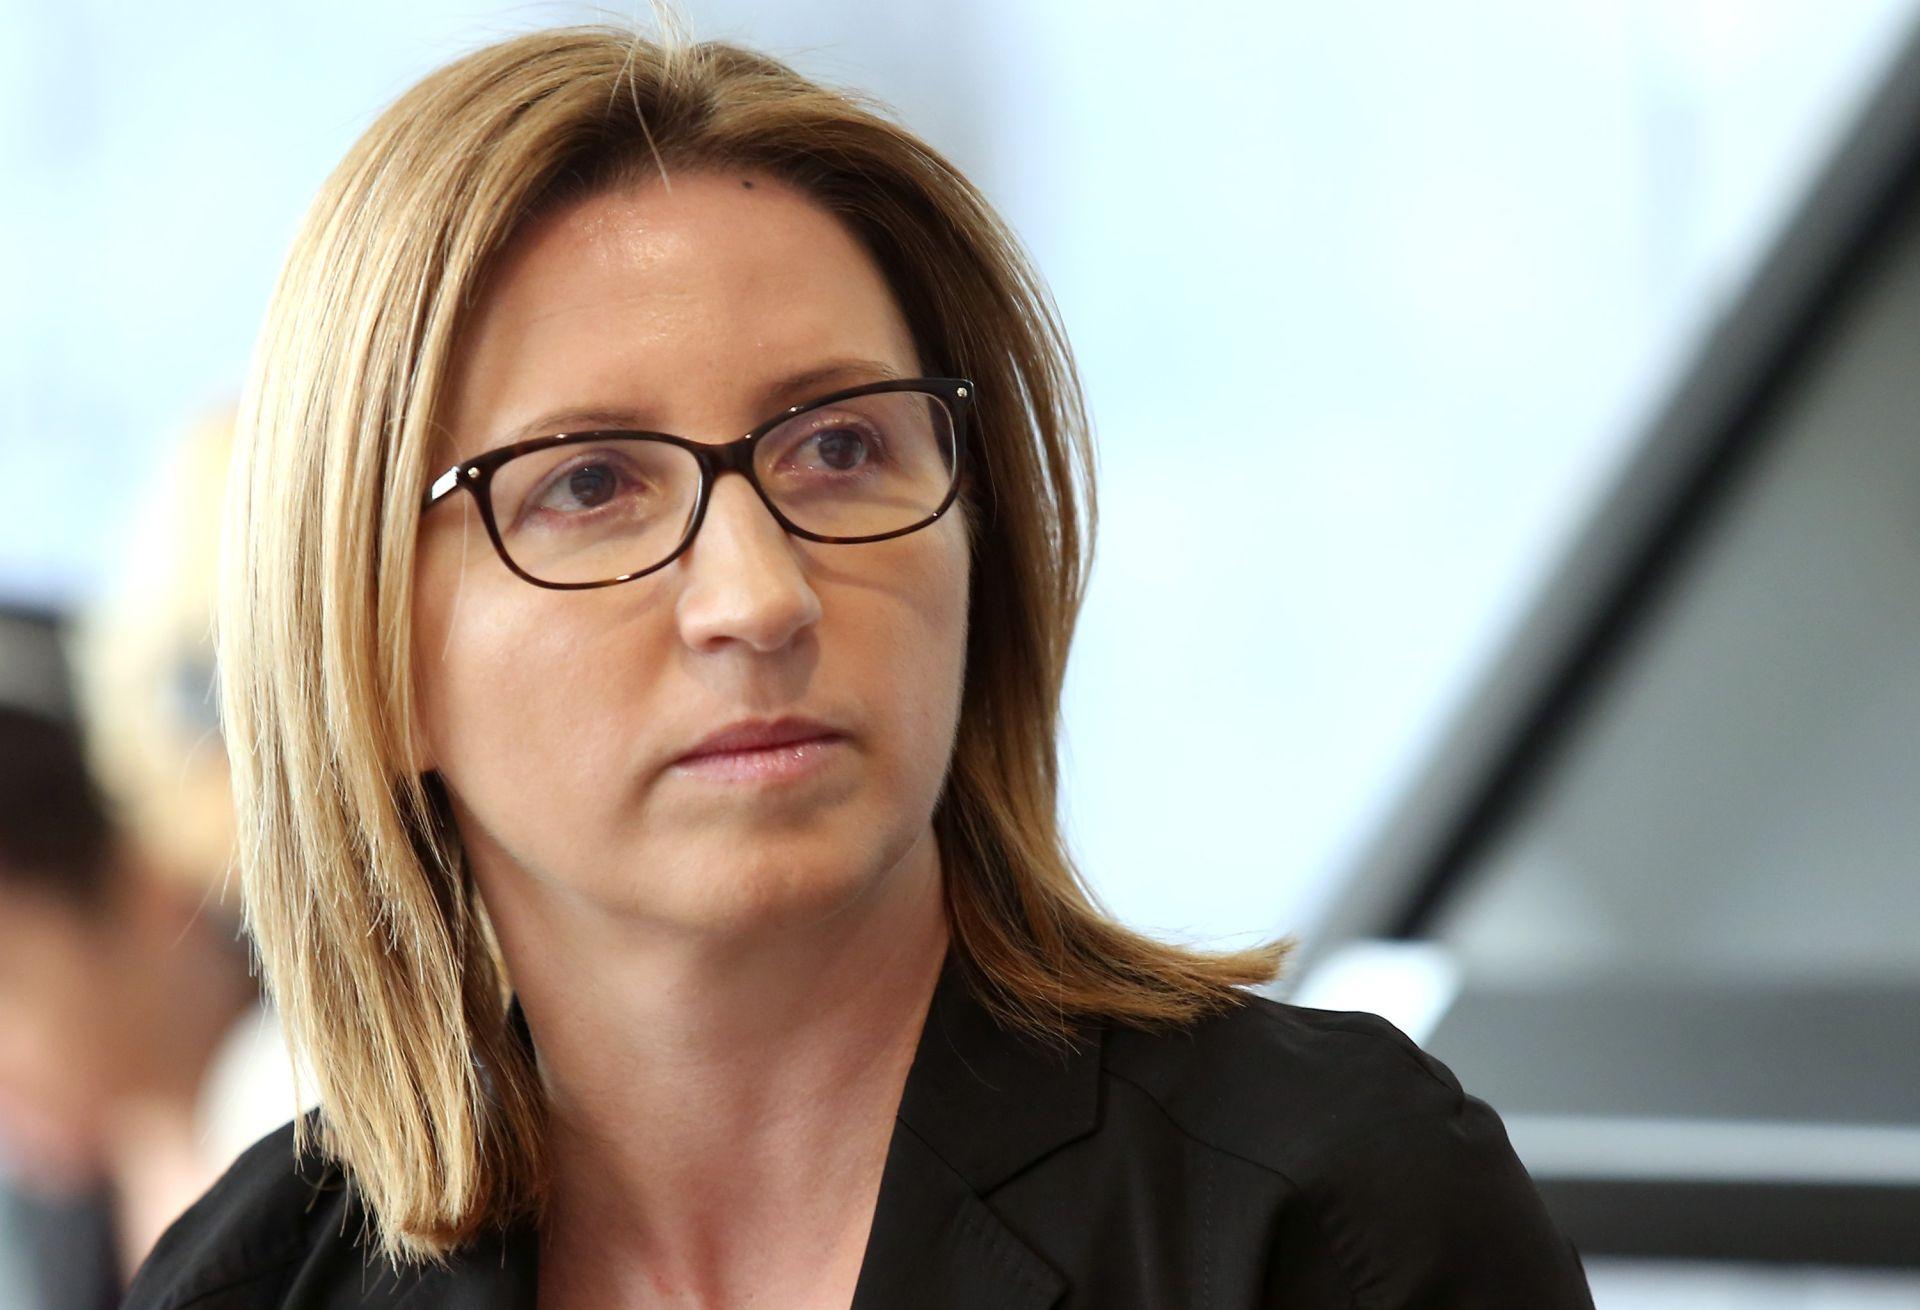 Maletić: O mogućnosti ponovne suradnje s Mostom razmišljat će se nakon izbora